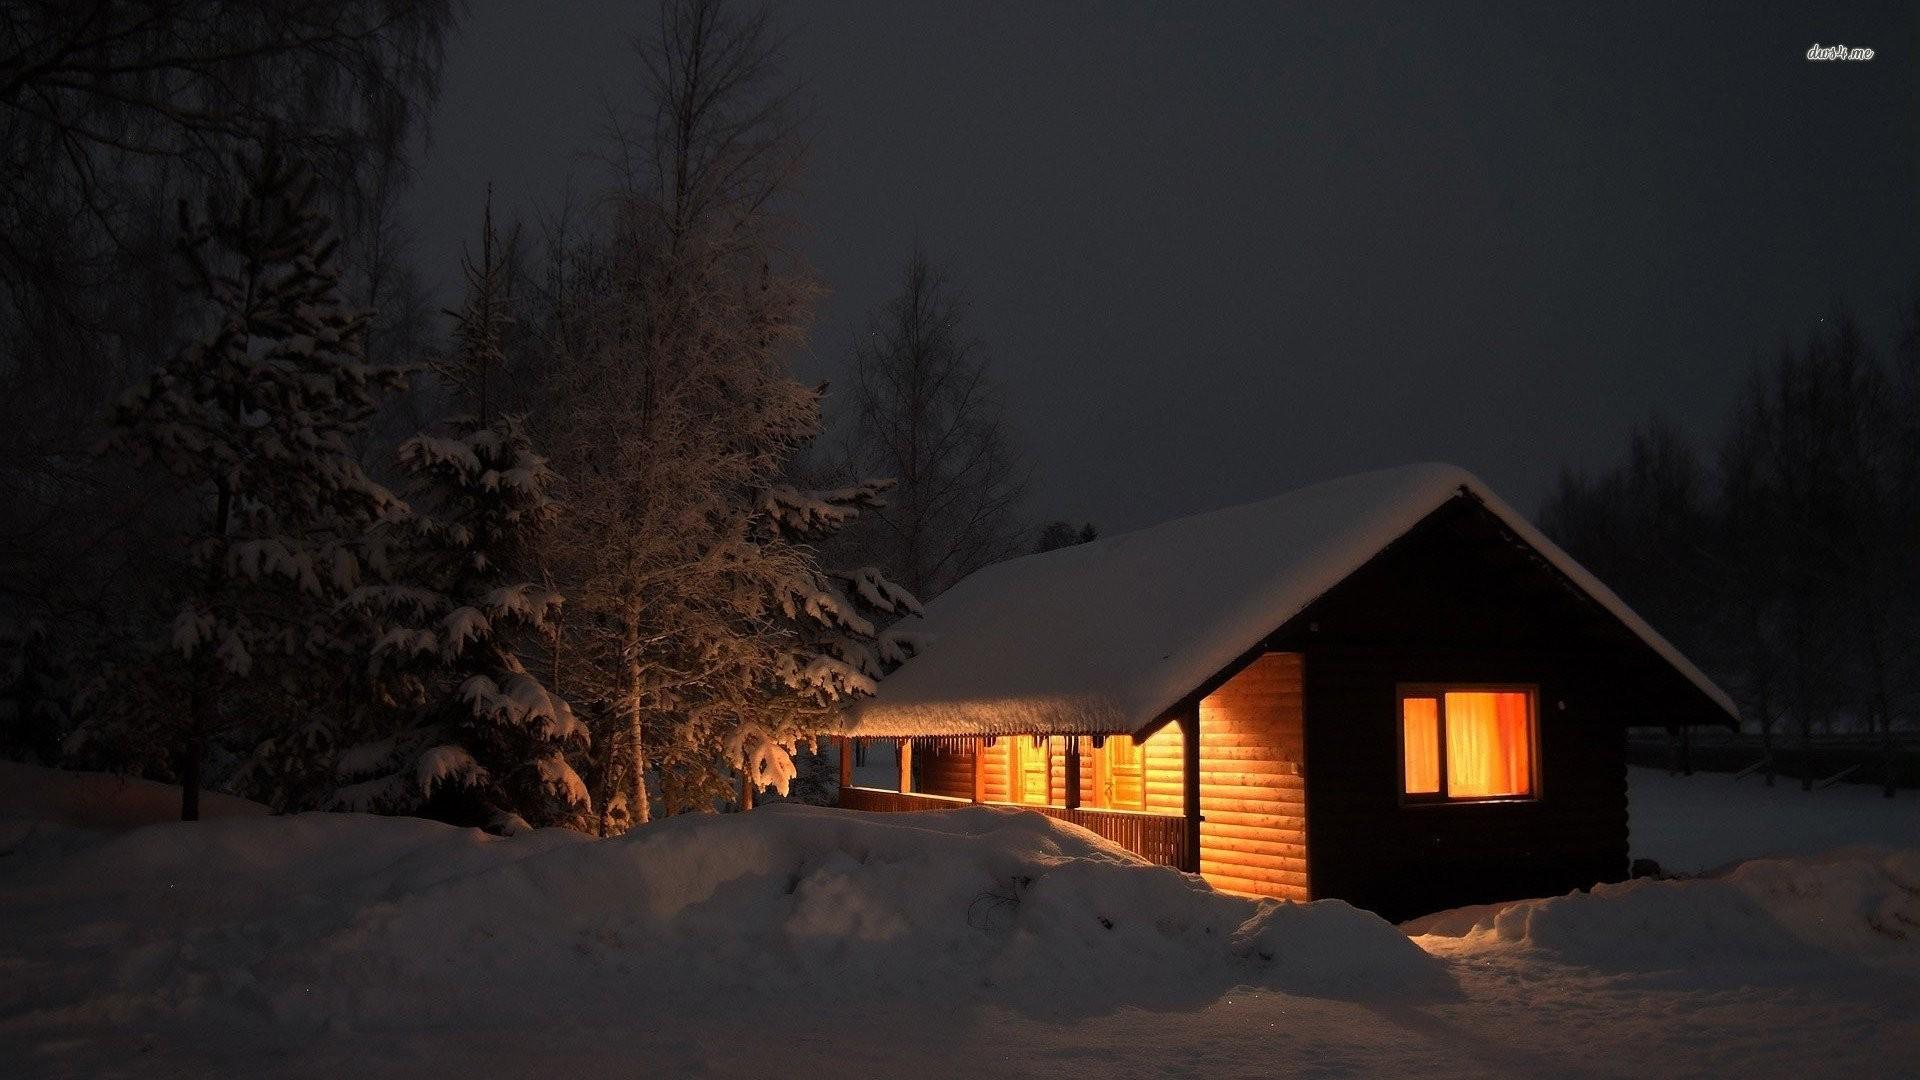 Snowed In Cabin Wallpaper » WallDevil – Best free HD desktop and .